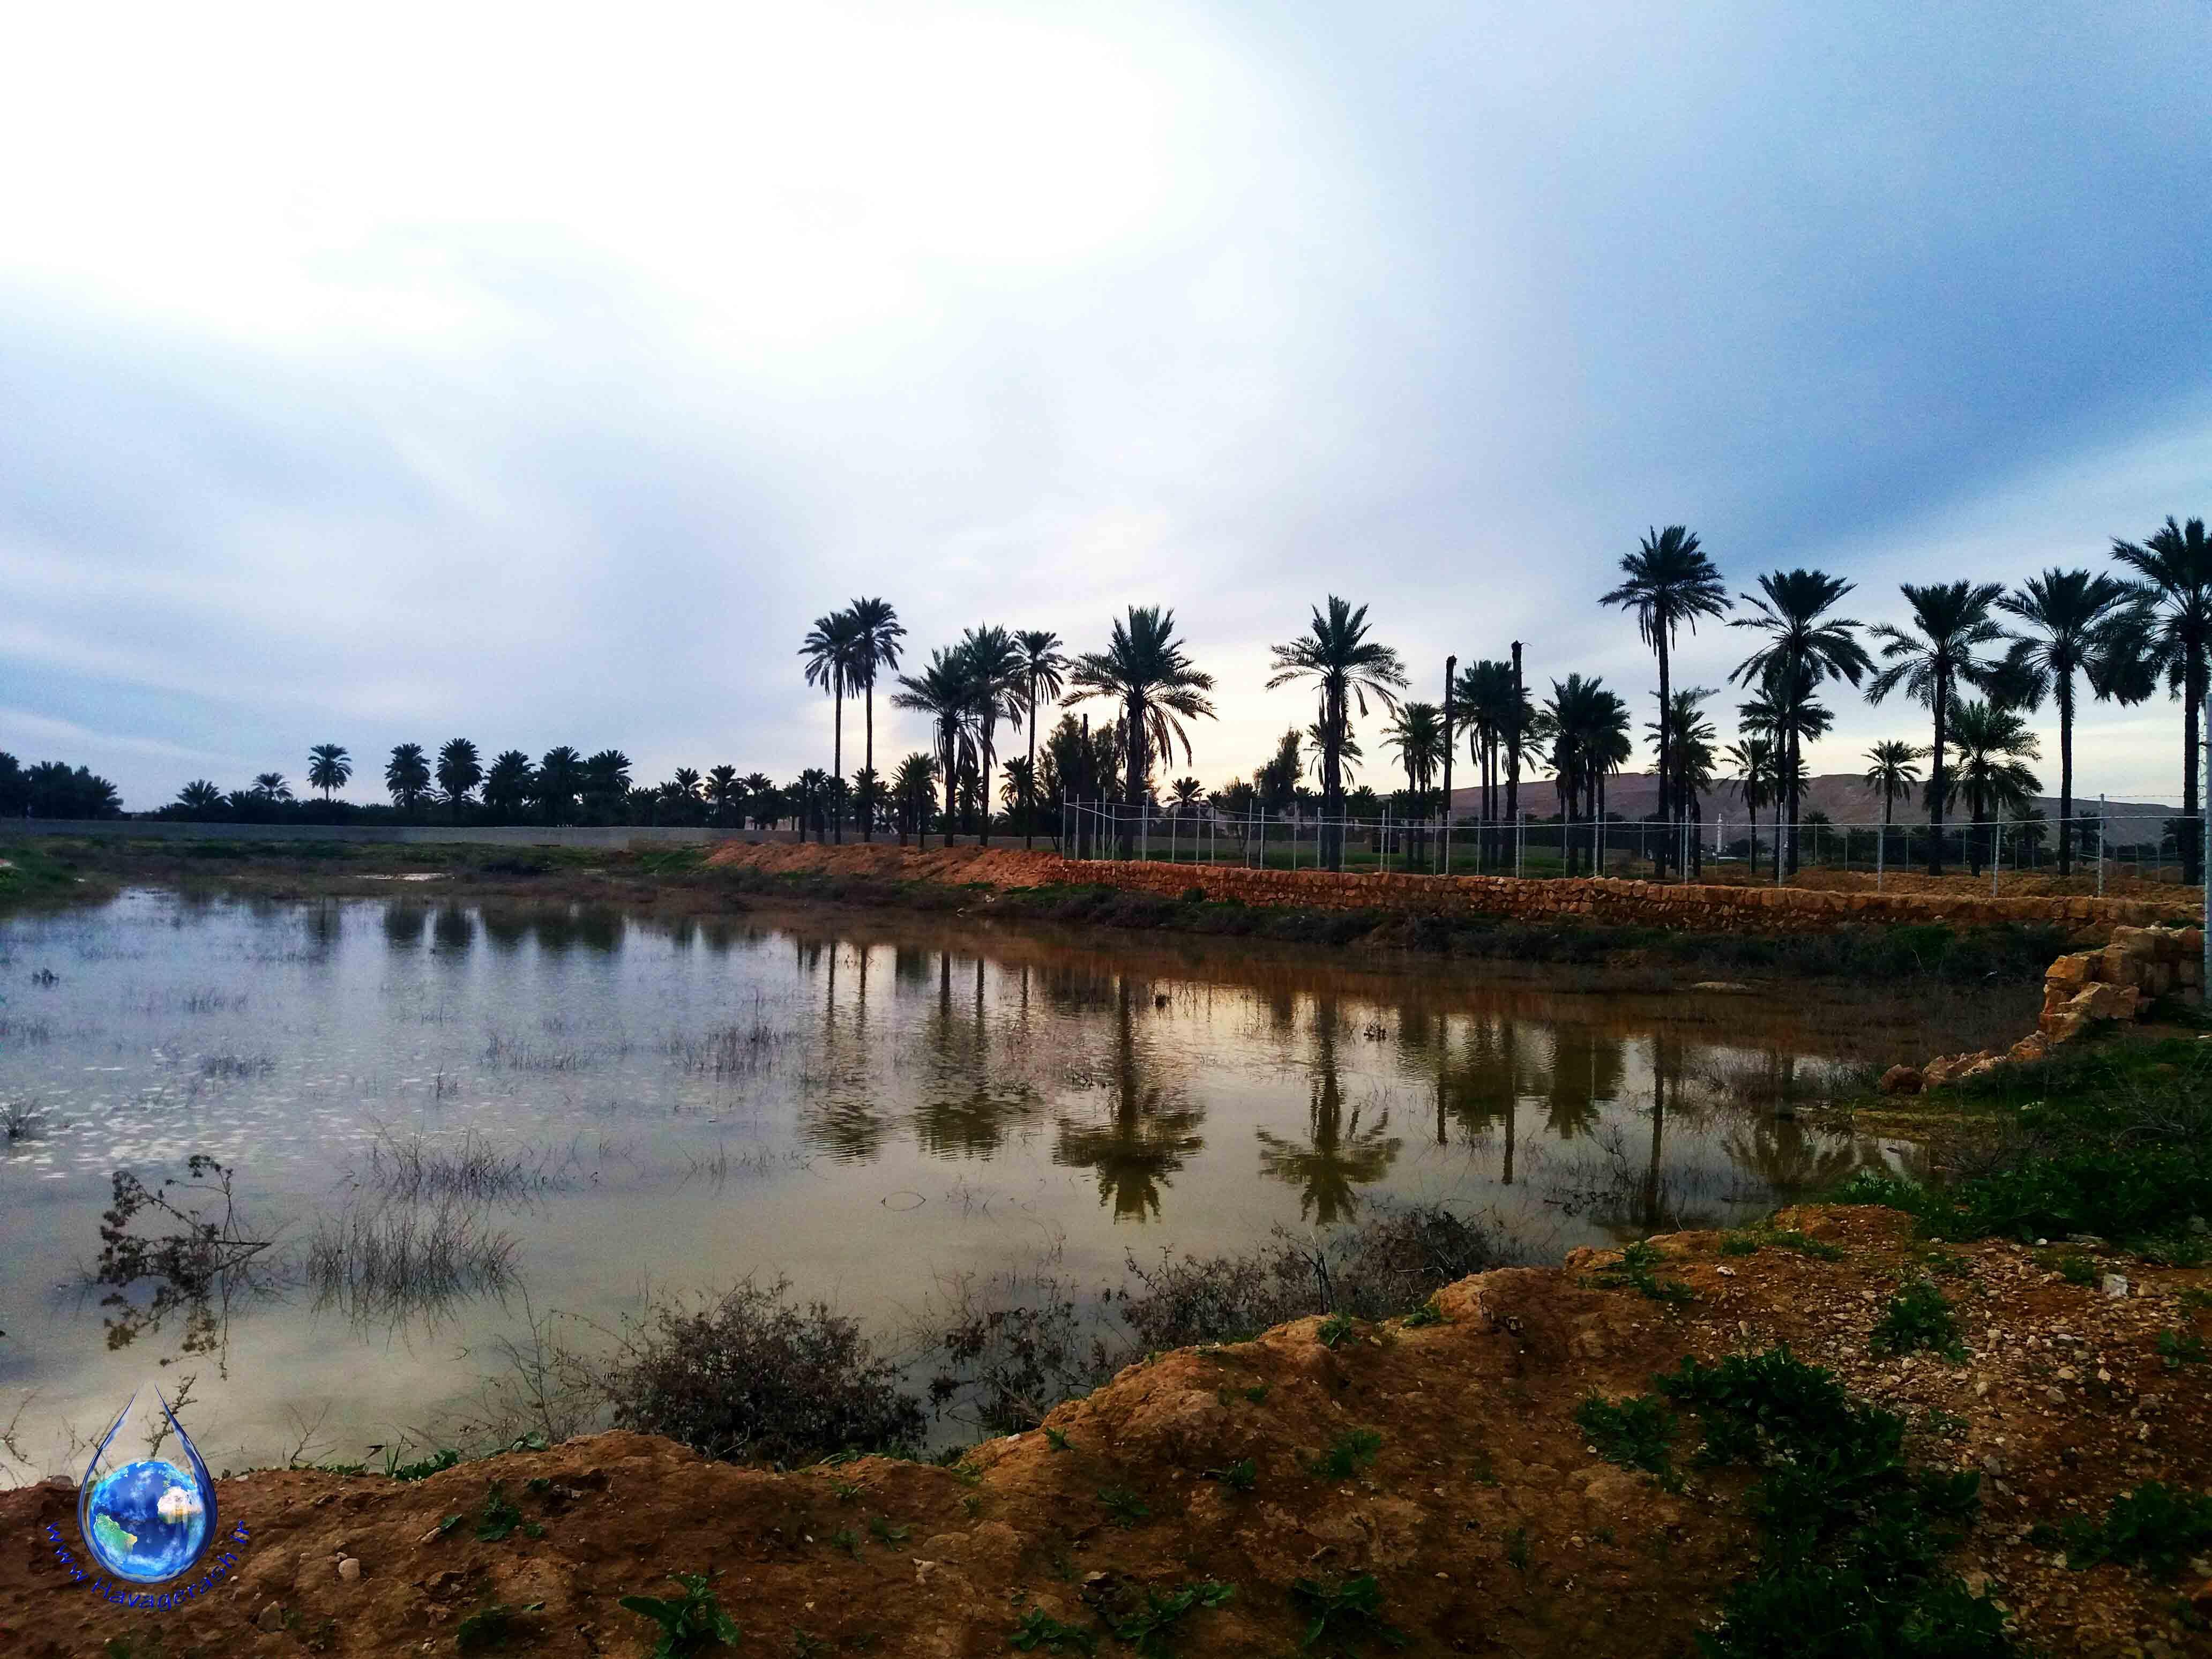 شروع مجدد بارش های موسمی (چهل پسین) در این هفته